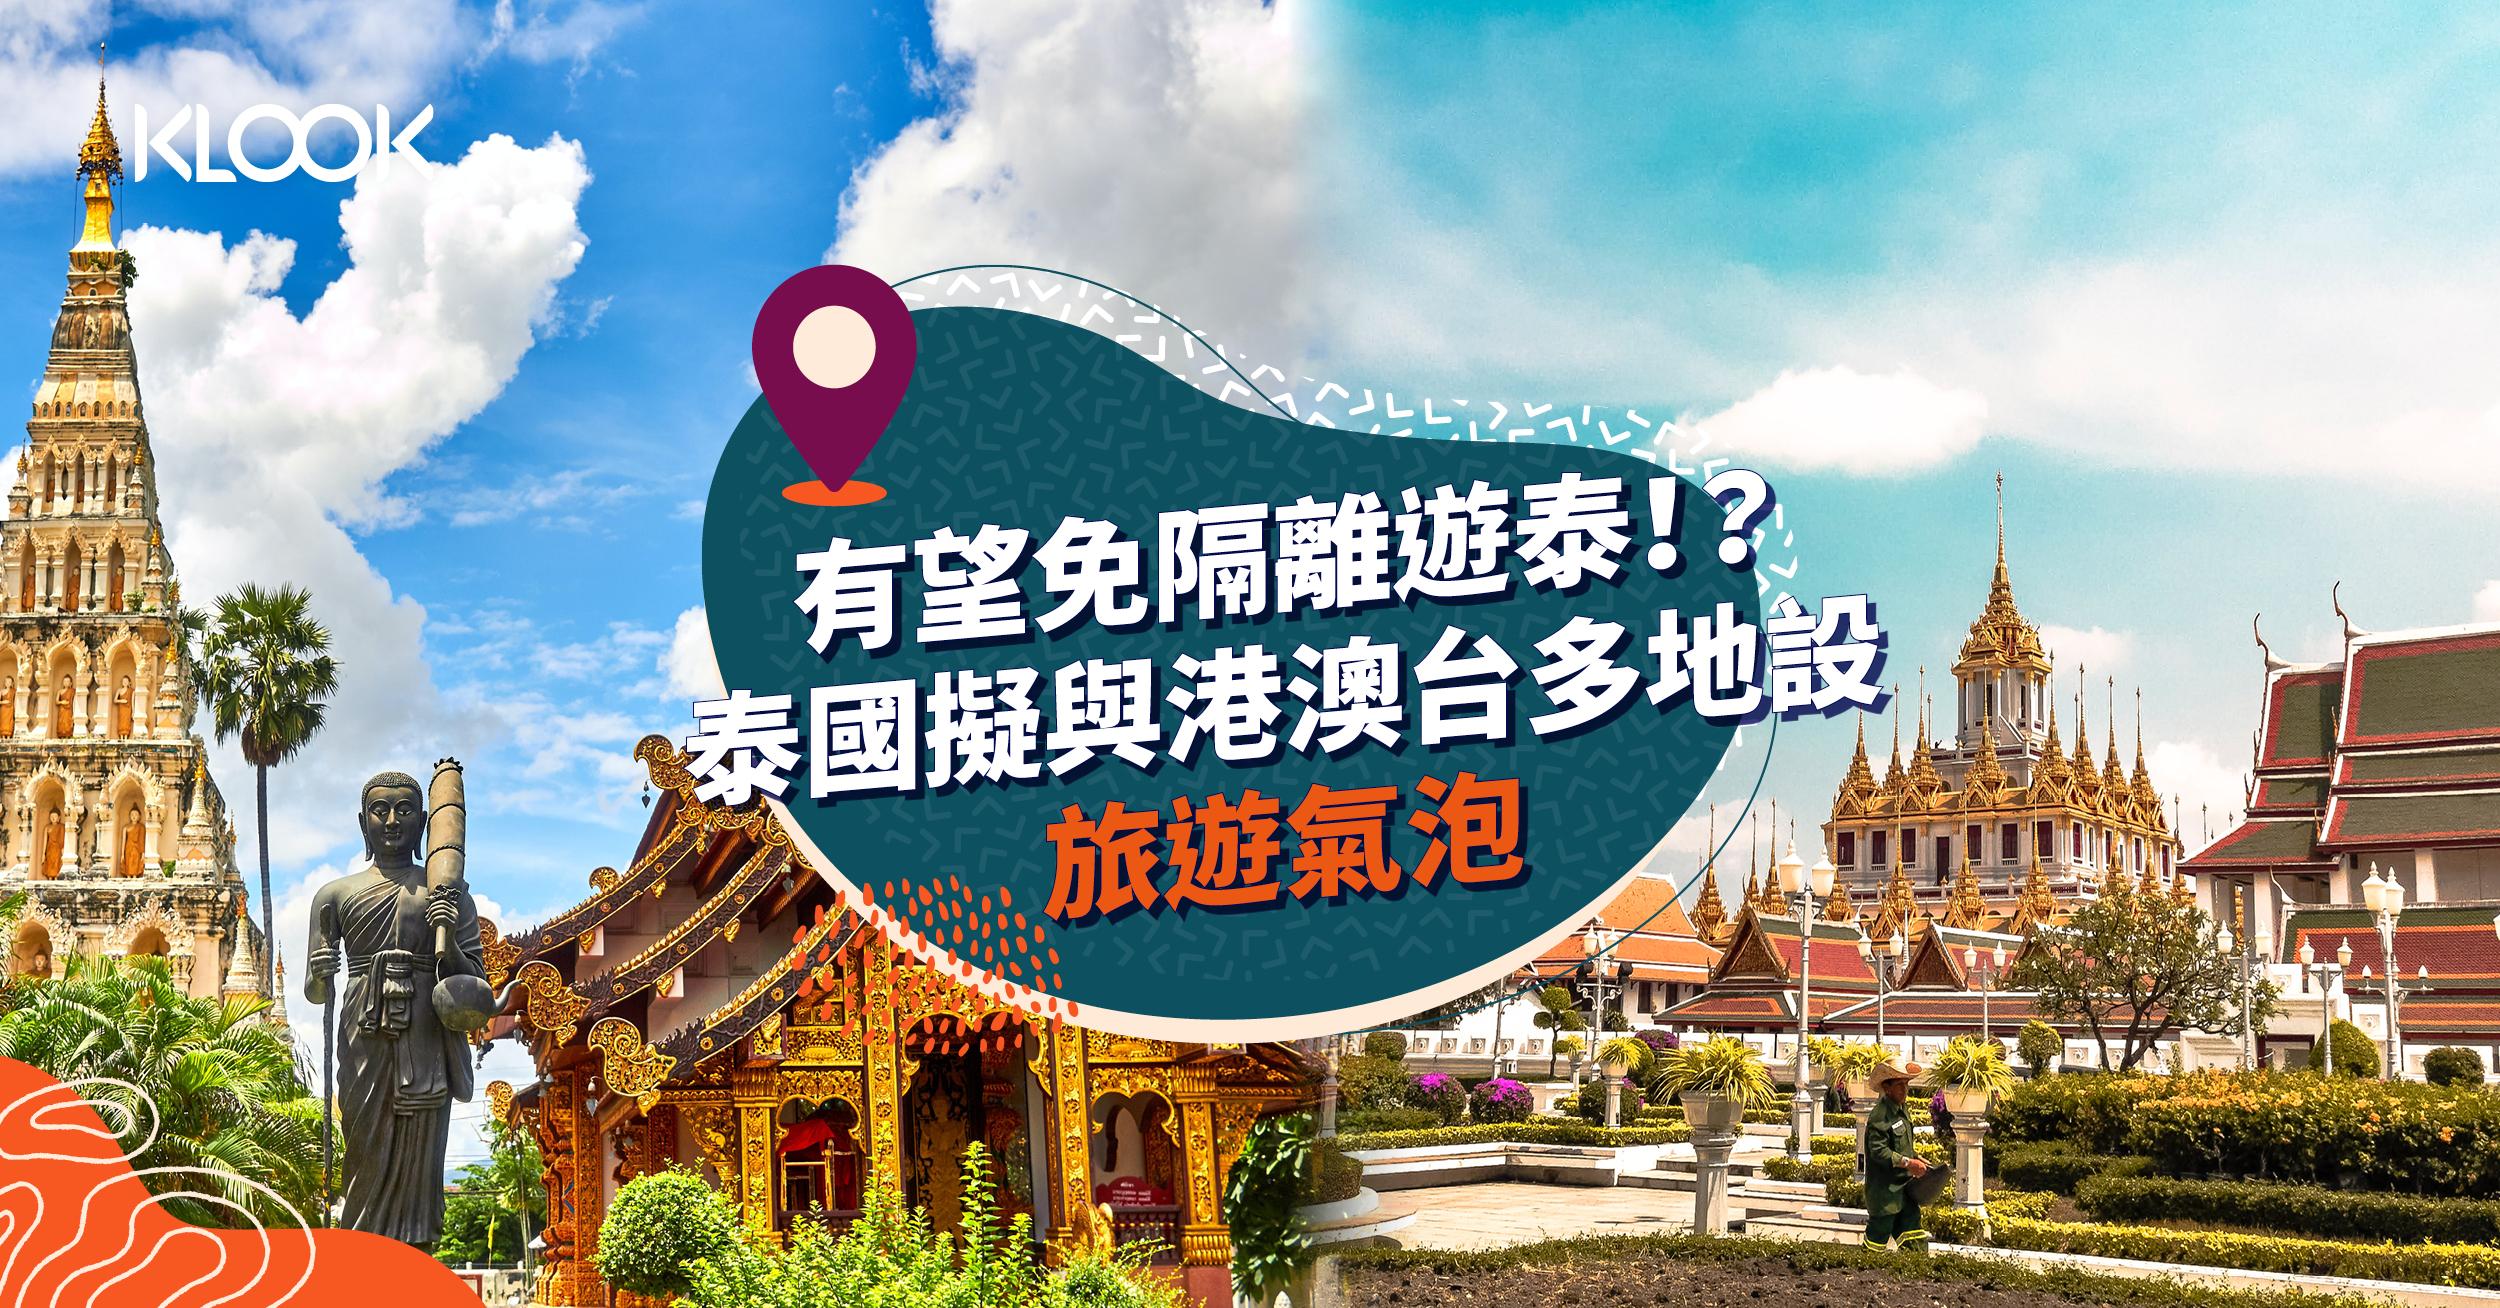 有望免隔離遊泰!?泰國擬與港澳台多地設旅遊氣泡